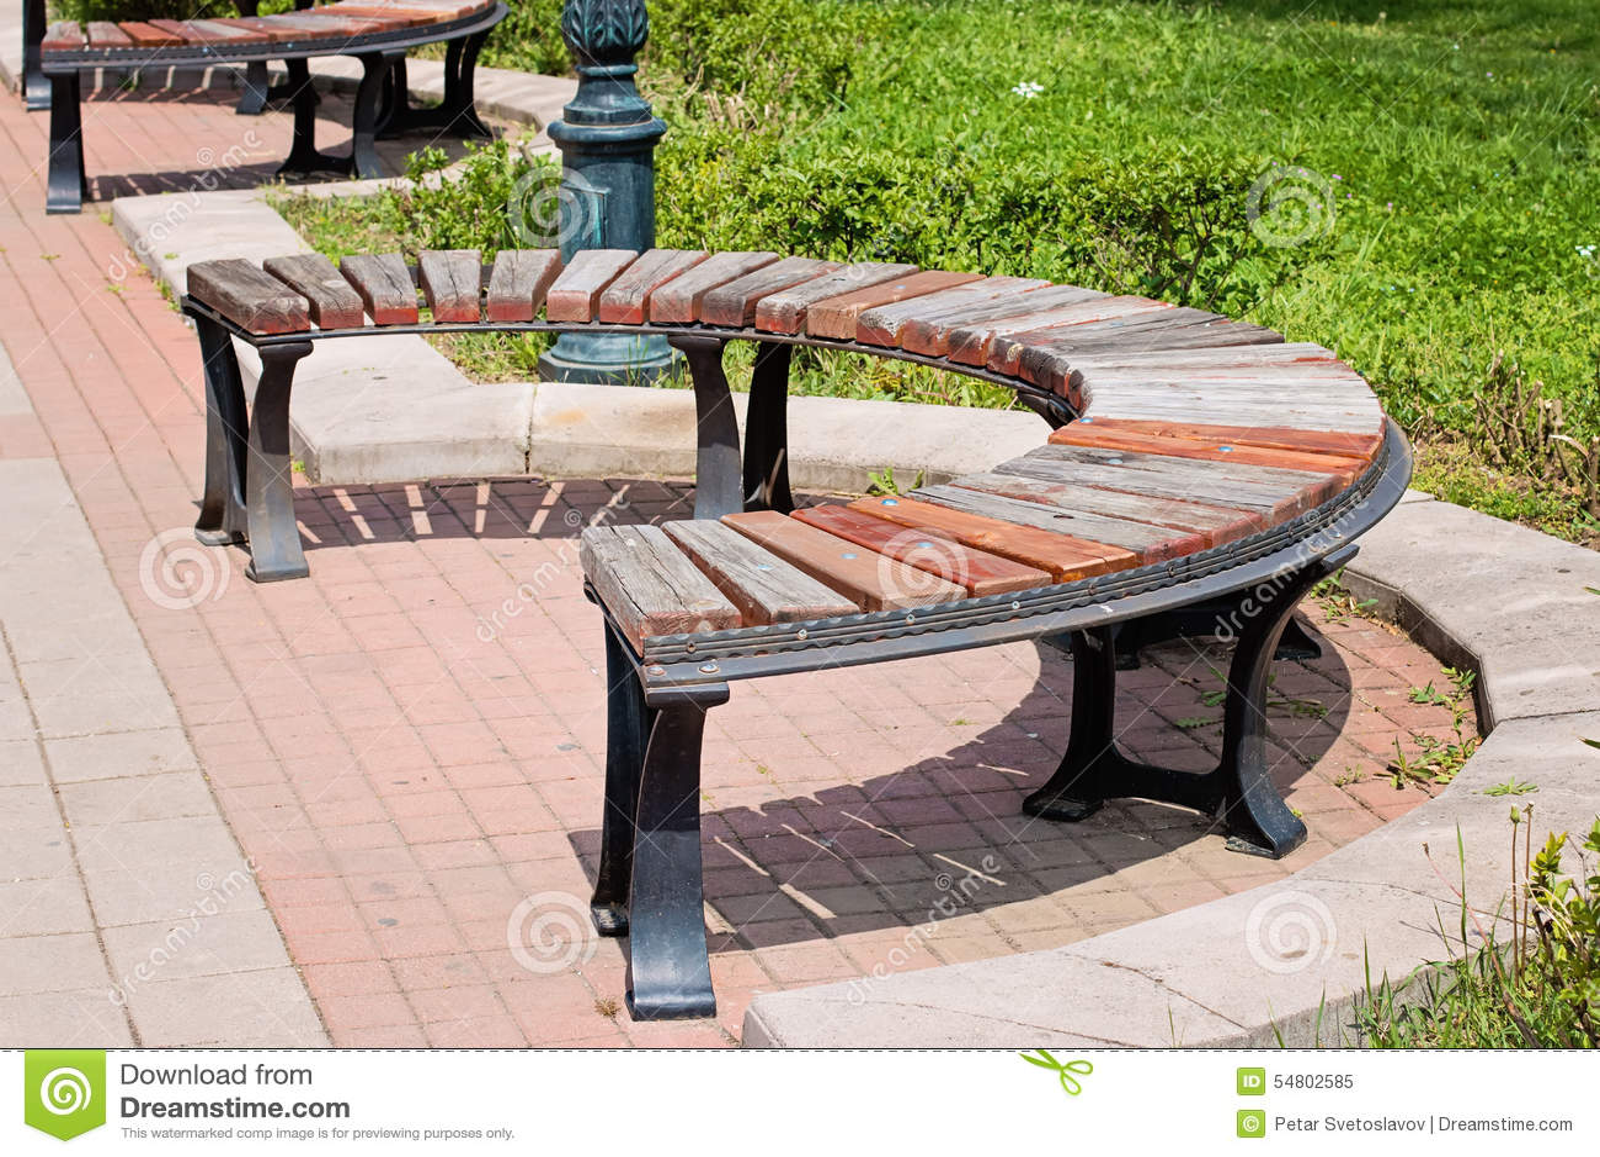 Banco redondo de madera en el parque imagen de archivo for Antecomedores redondos madera